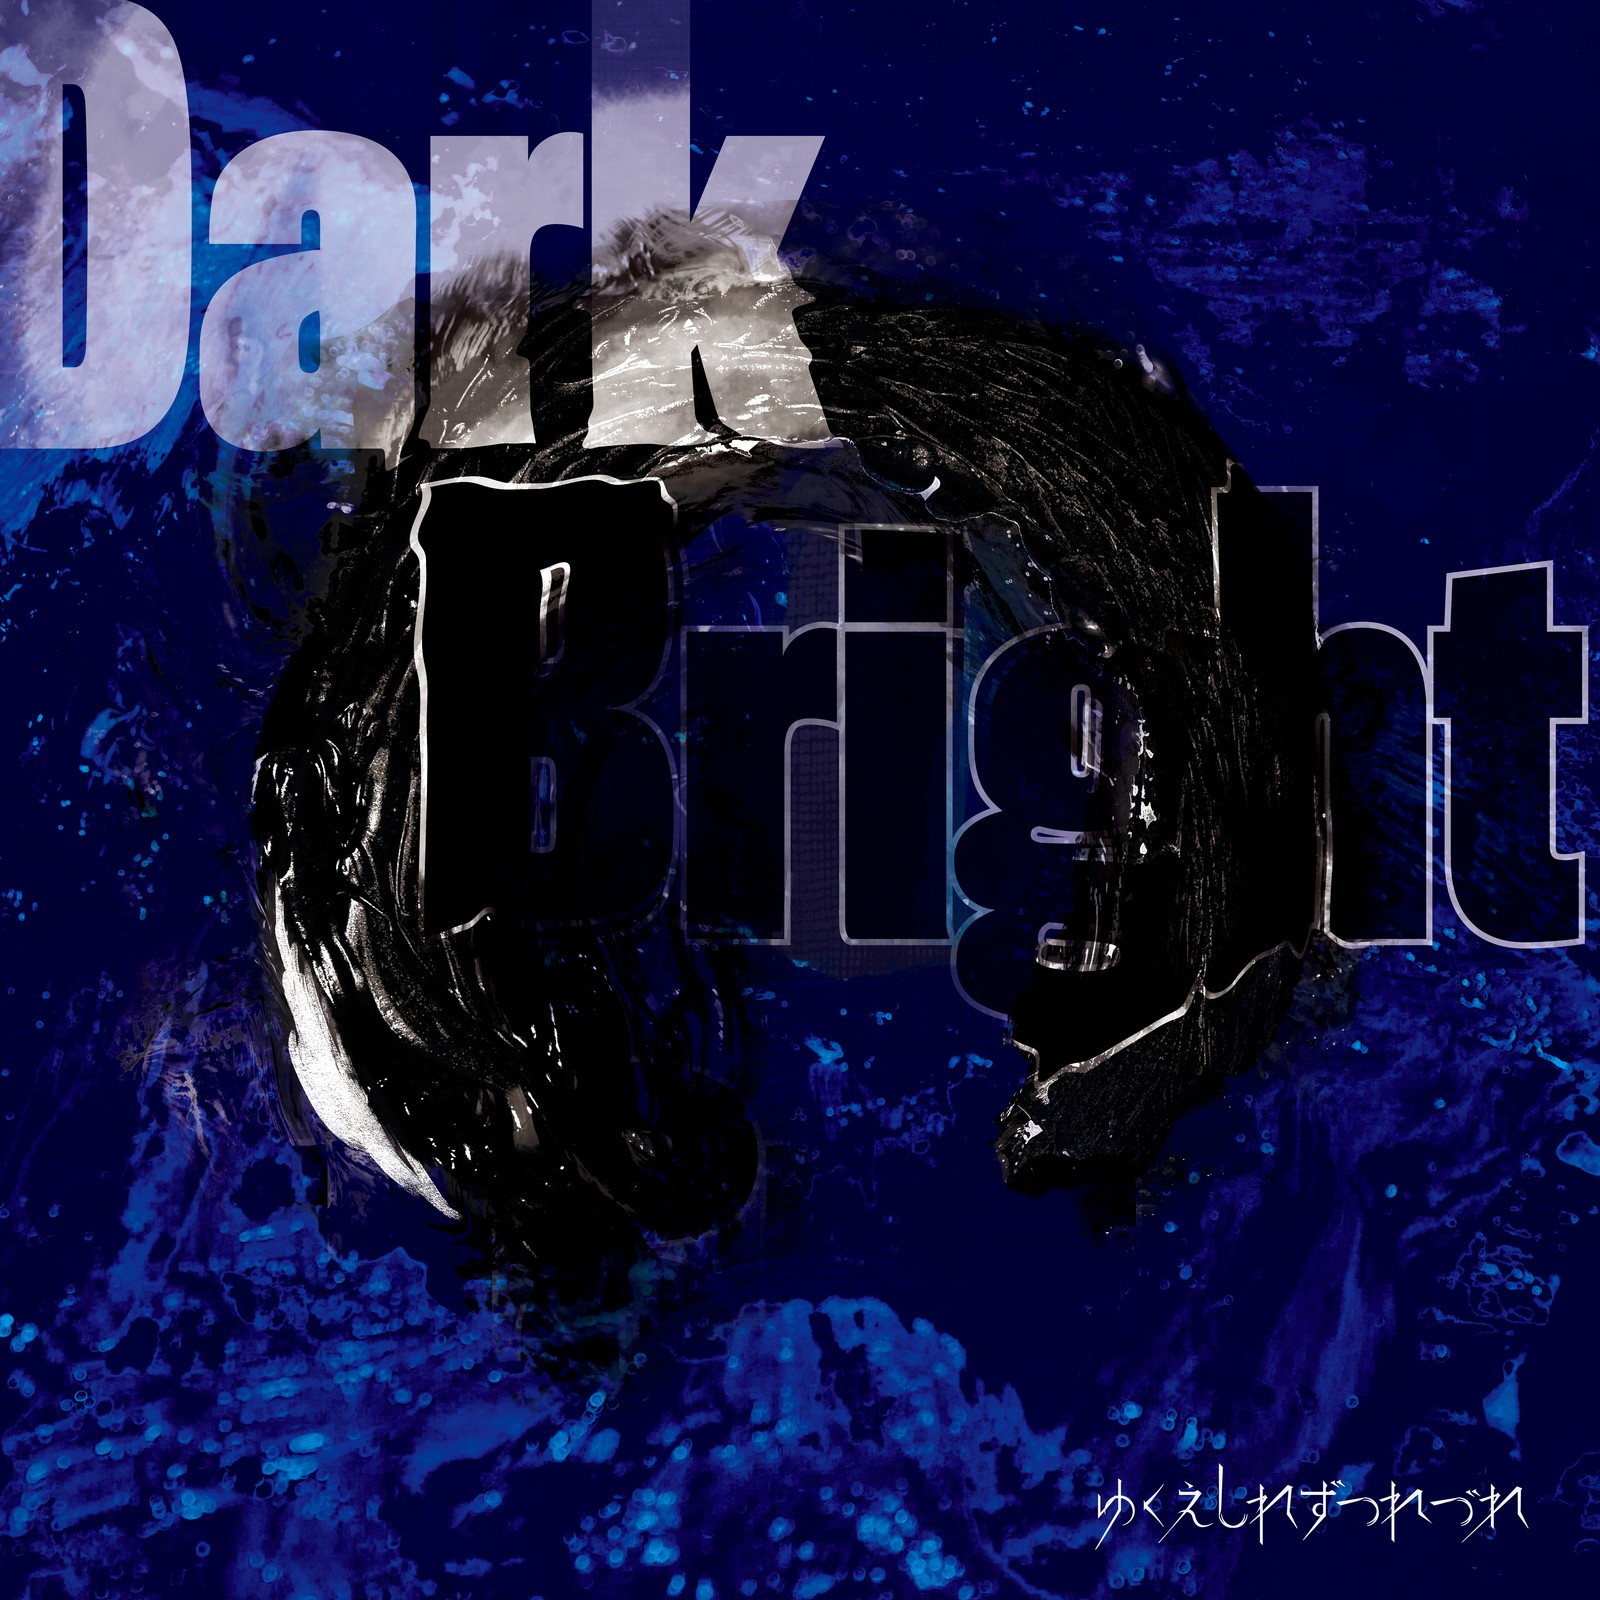 ゆくえしれずつれづれ (Yukueshirezutsurezure) – DarkBright [FLAC+ AAC 320 / WEB] [2020.01.08]